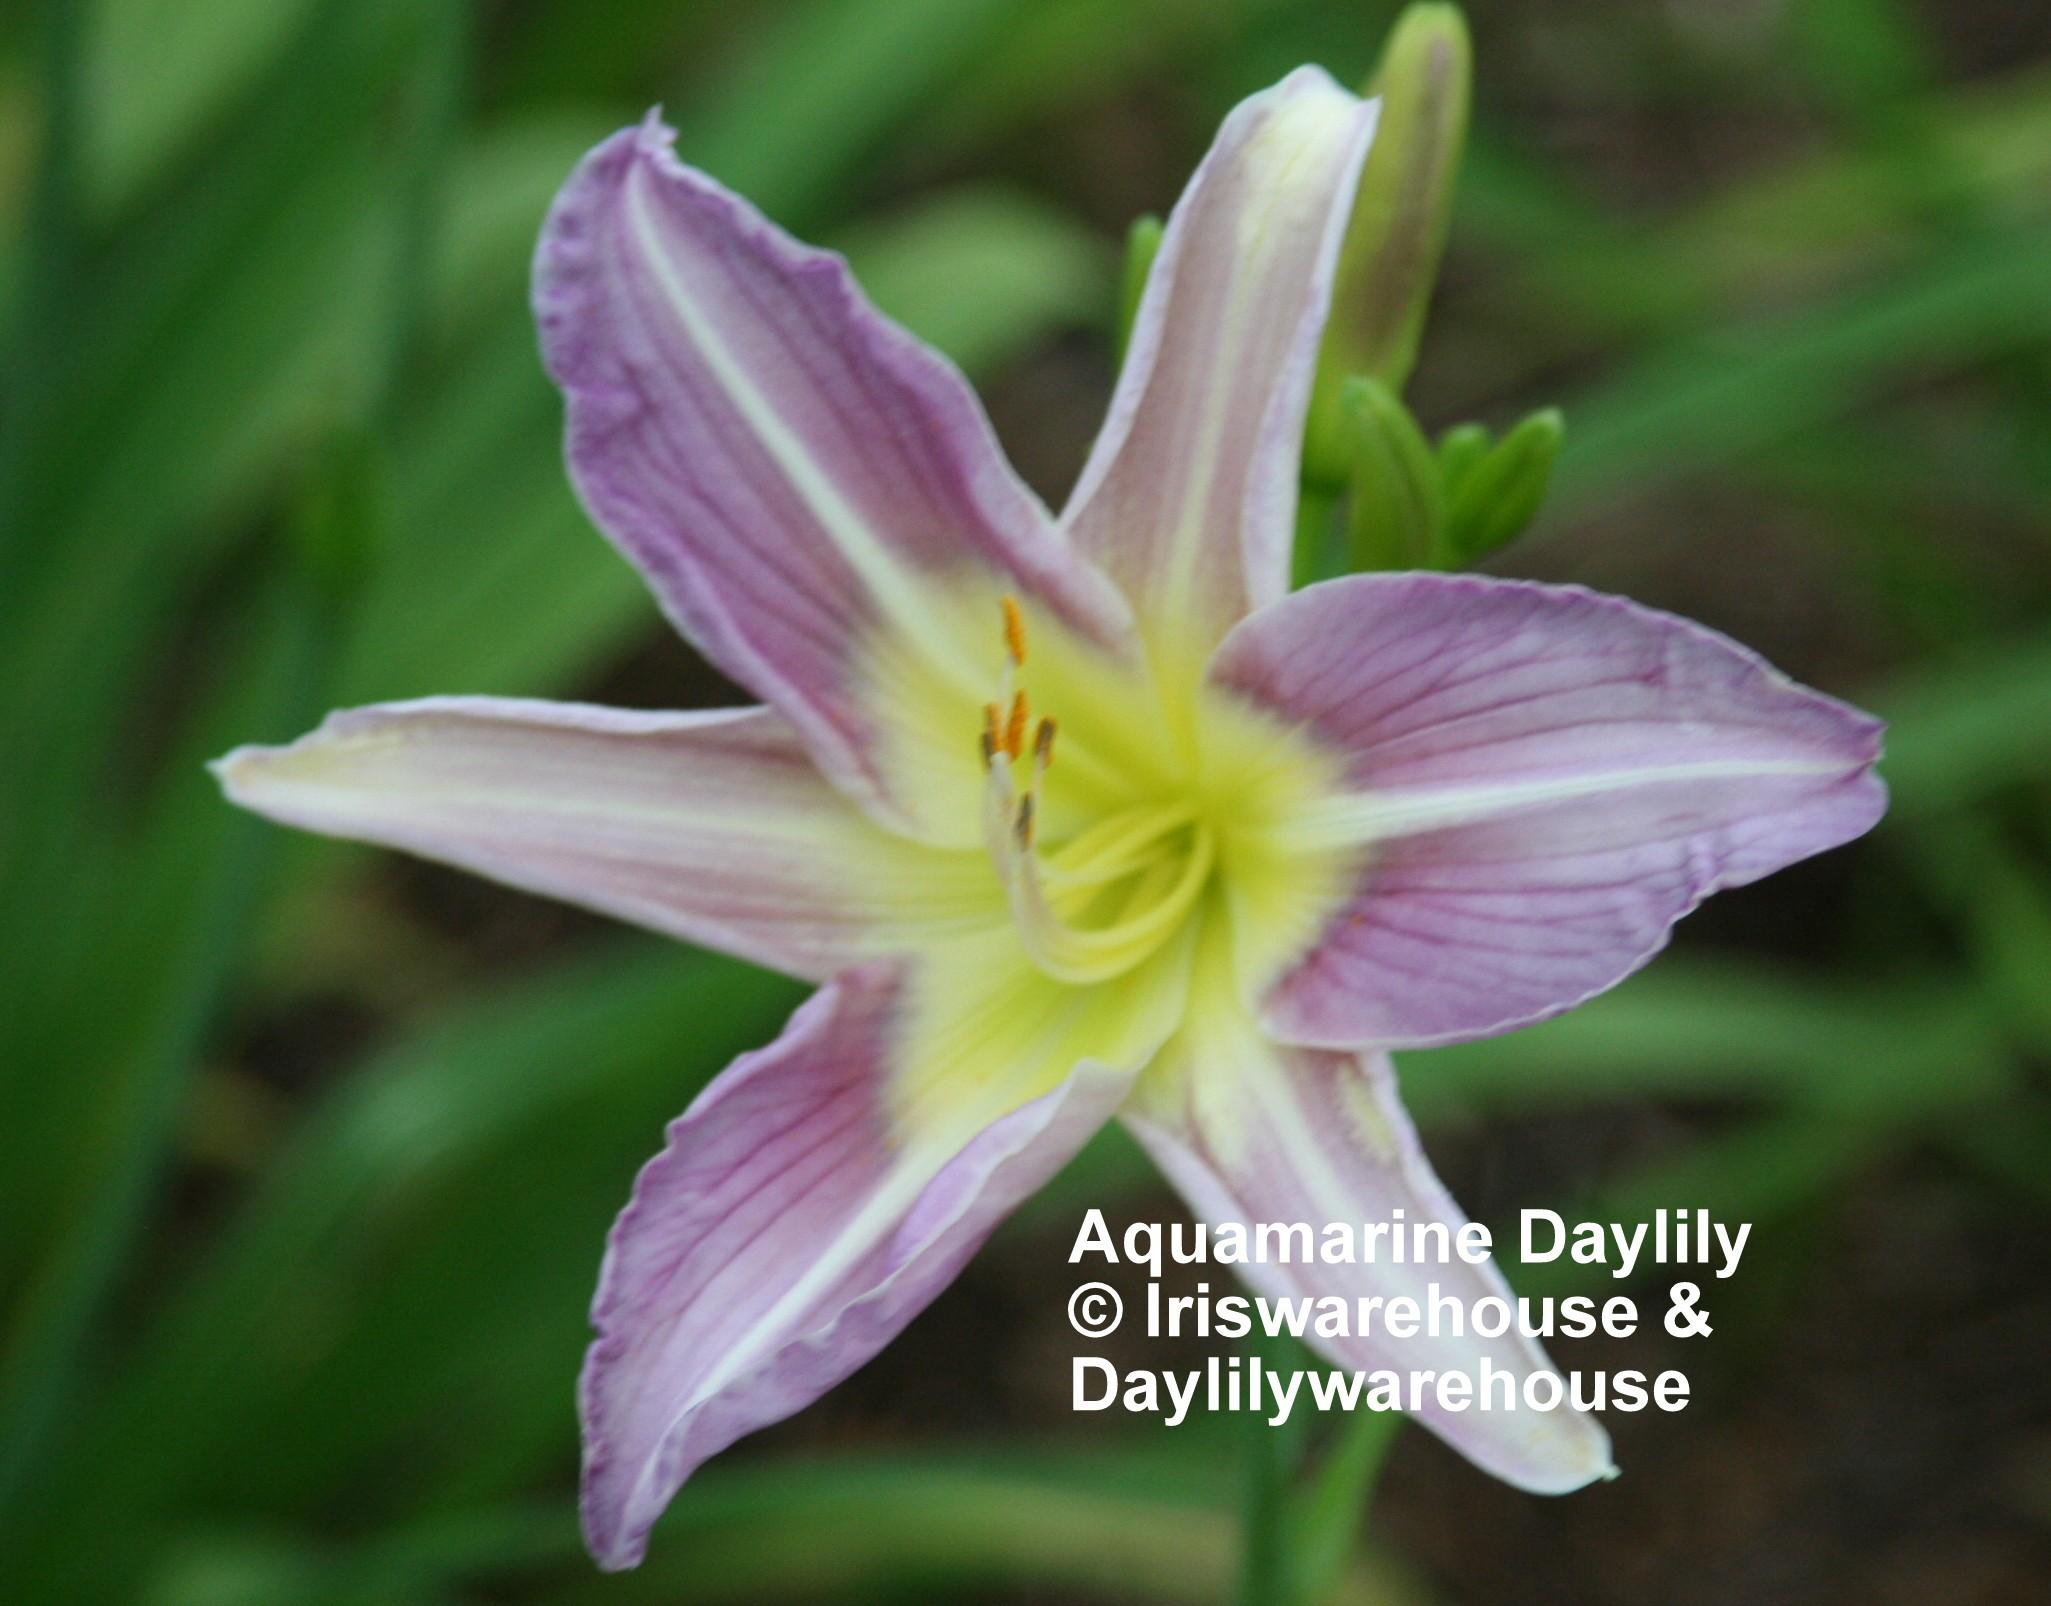 Aquamarine Daylily